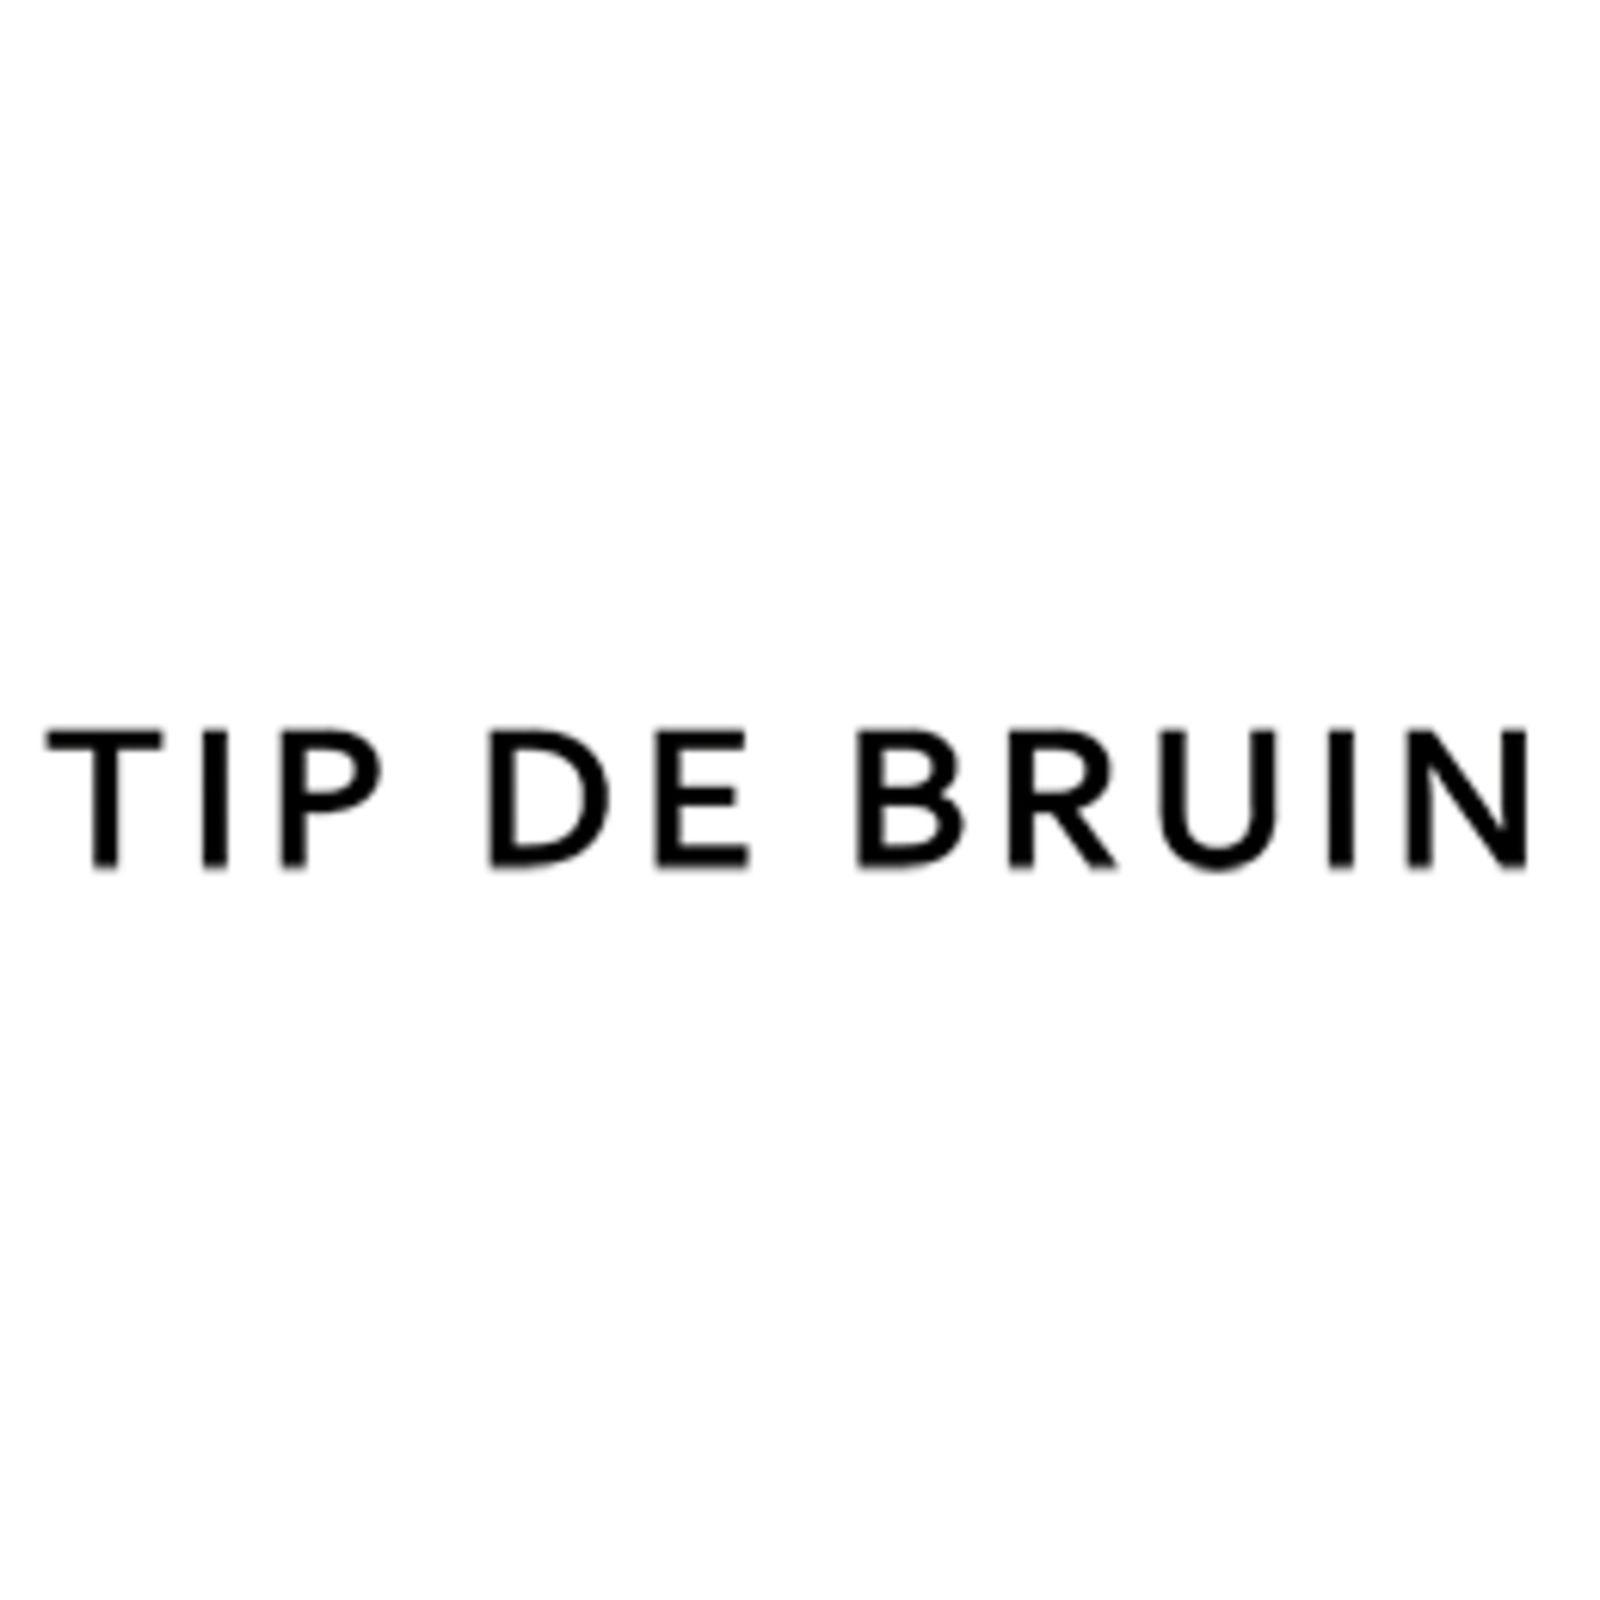 Tip de Bruin